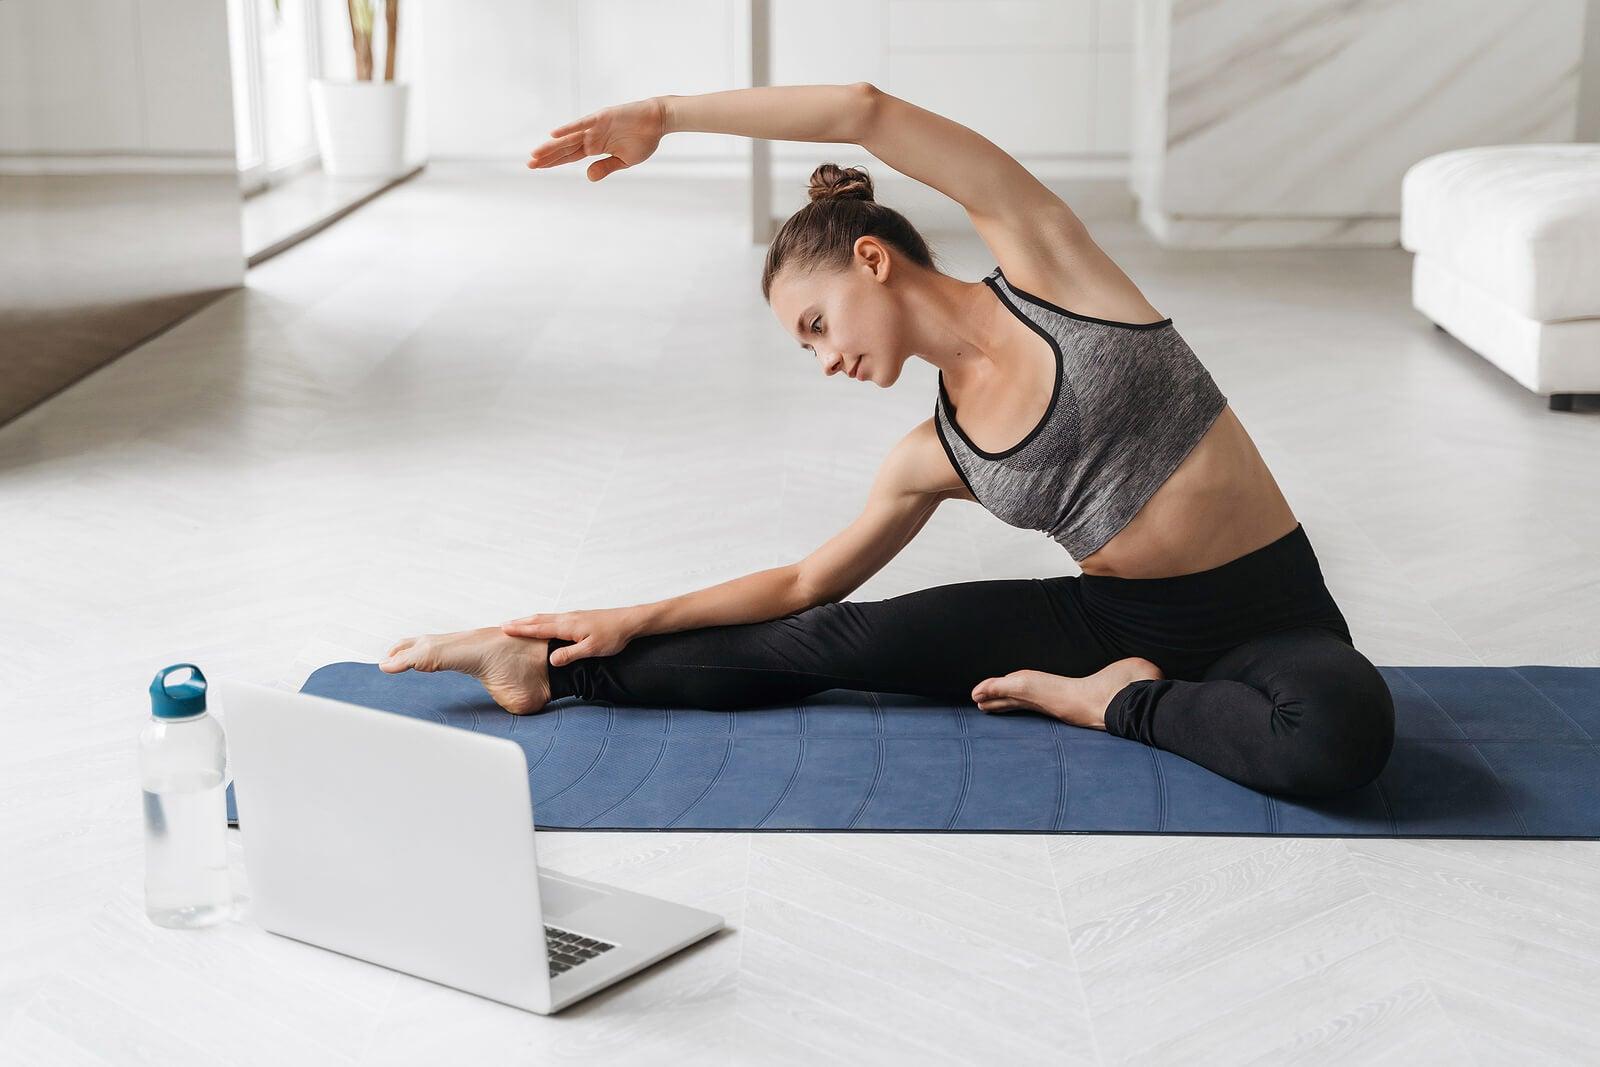 Además de mejorar el cuerpo, el yoga ayuda a liberar la mente y reducir el estrés.